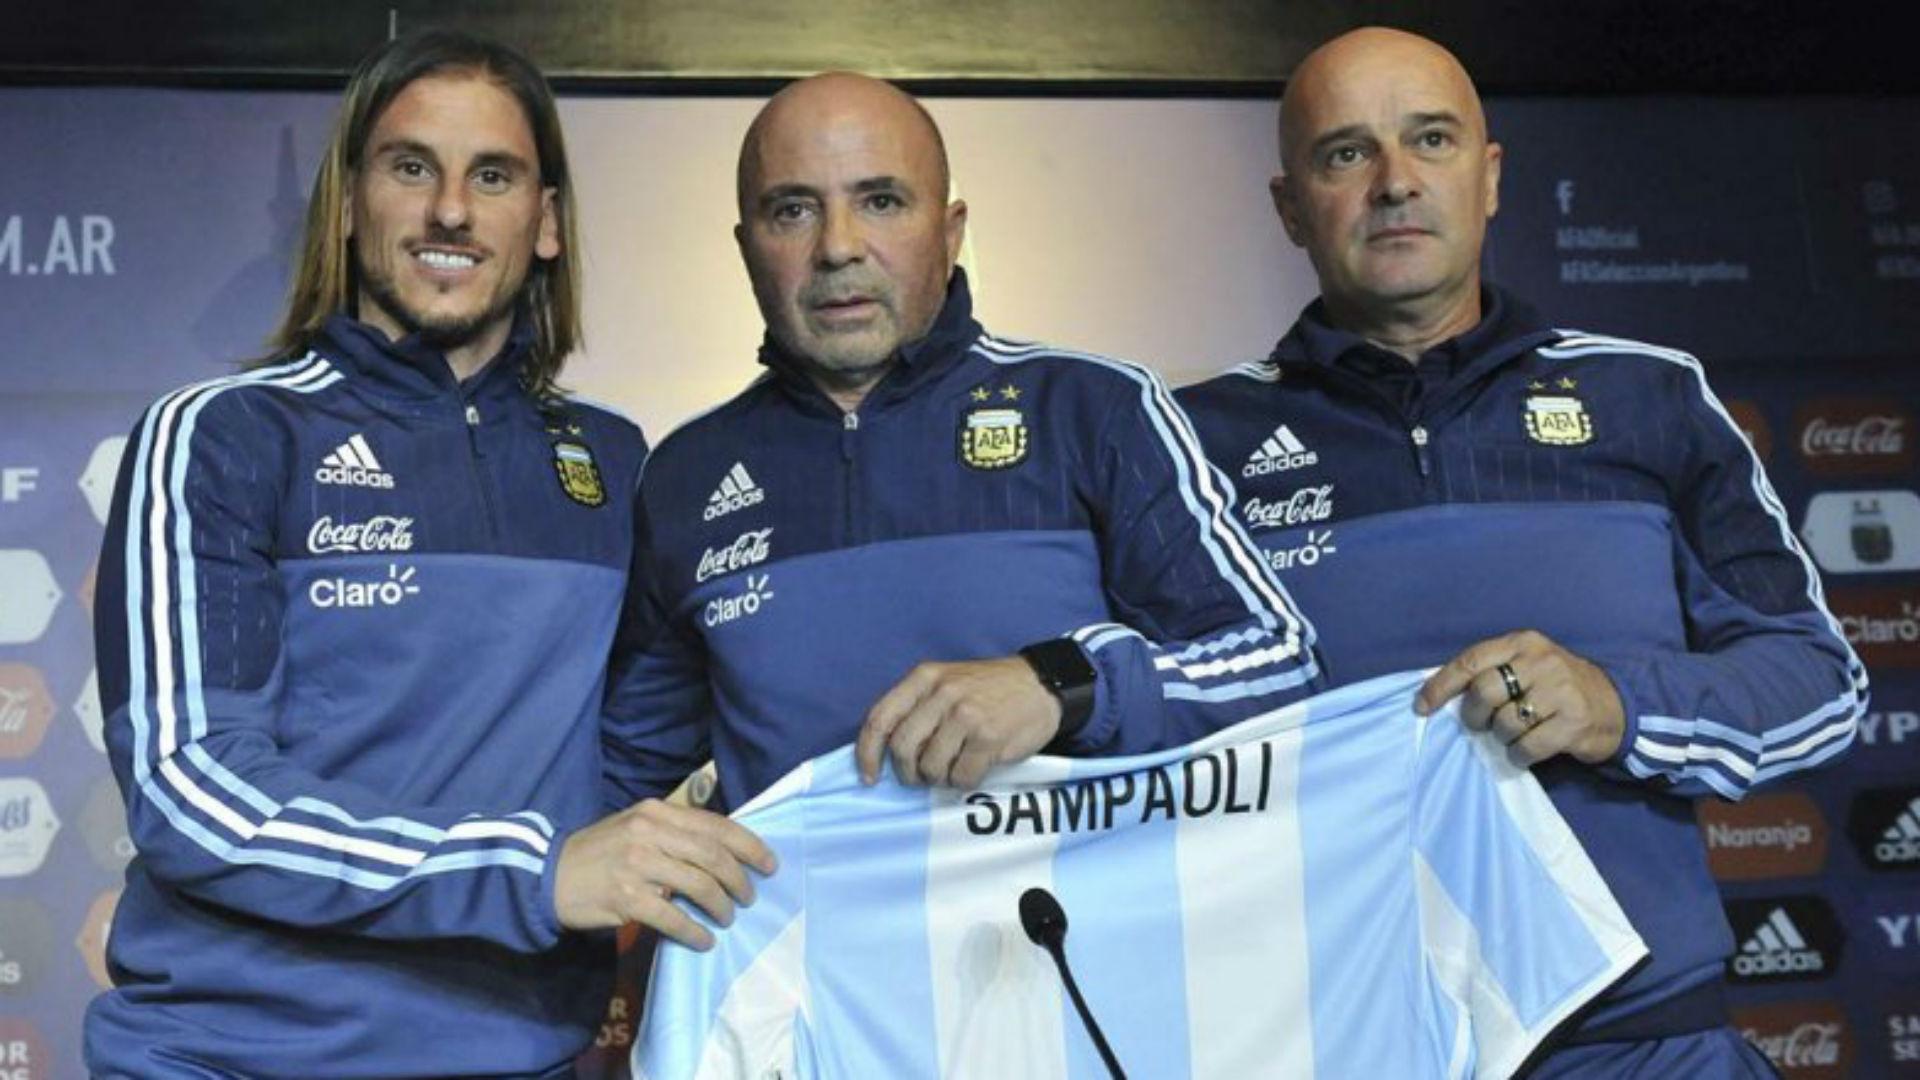 Beccacece Sampaoli Jorge Desio Seleccion Argentina